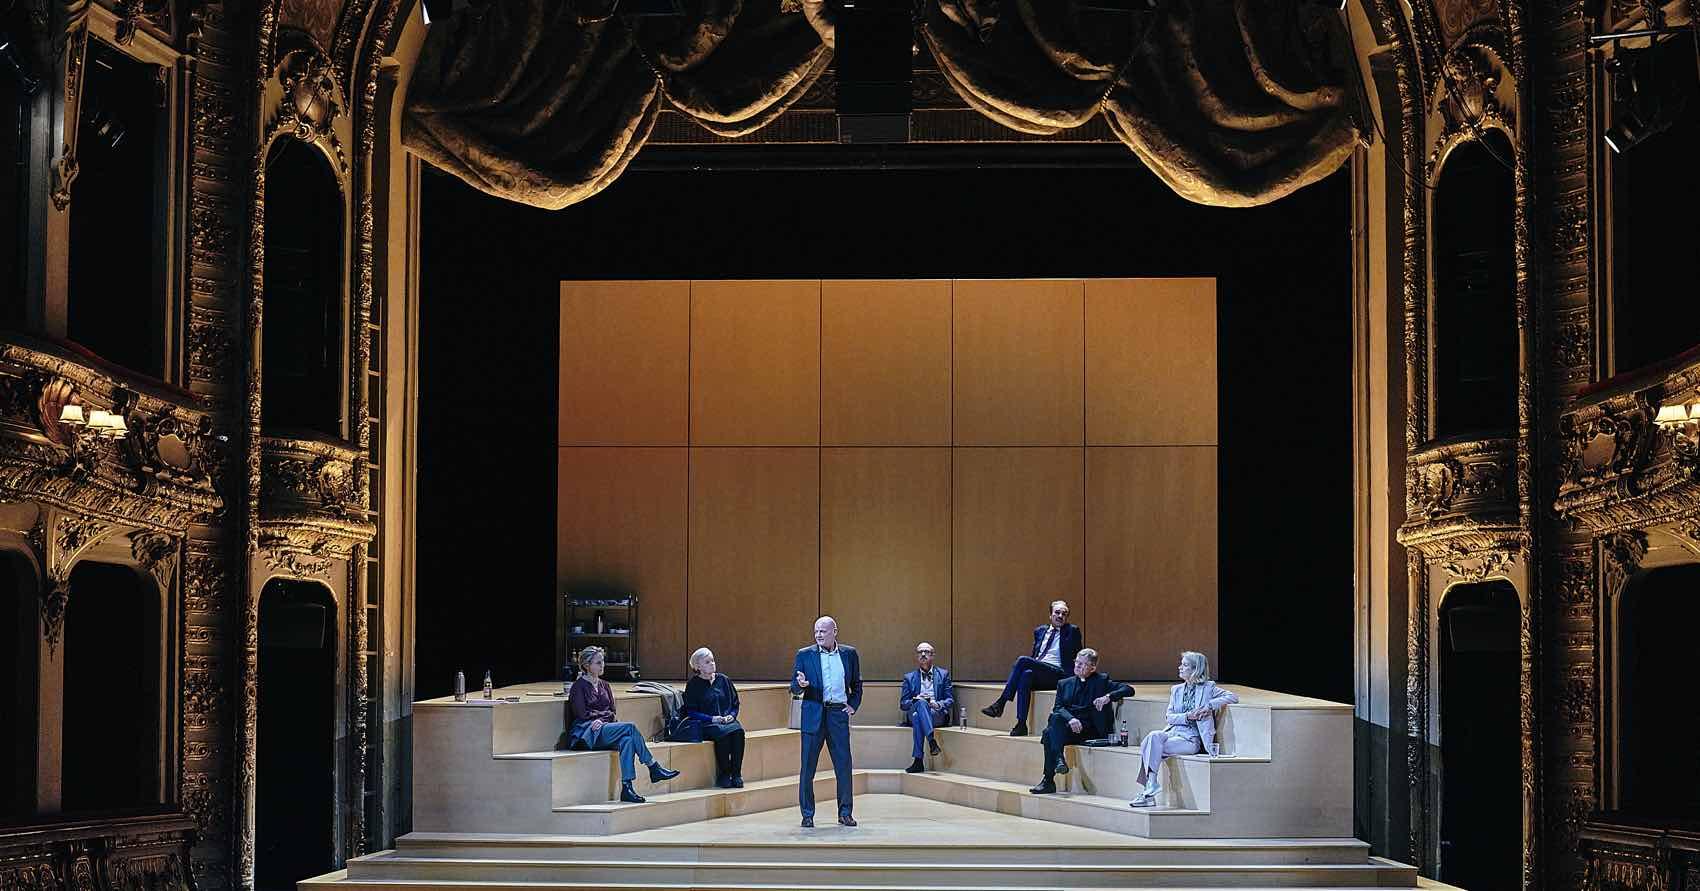 NESTE PREMIERE: Der Gott des Gemetzels / The God or Carnage med premiere i oktober. Picture by Matthias Horn